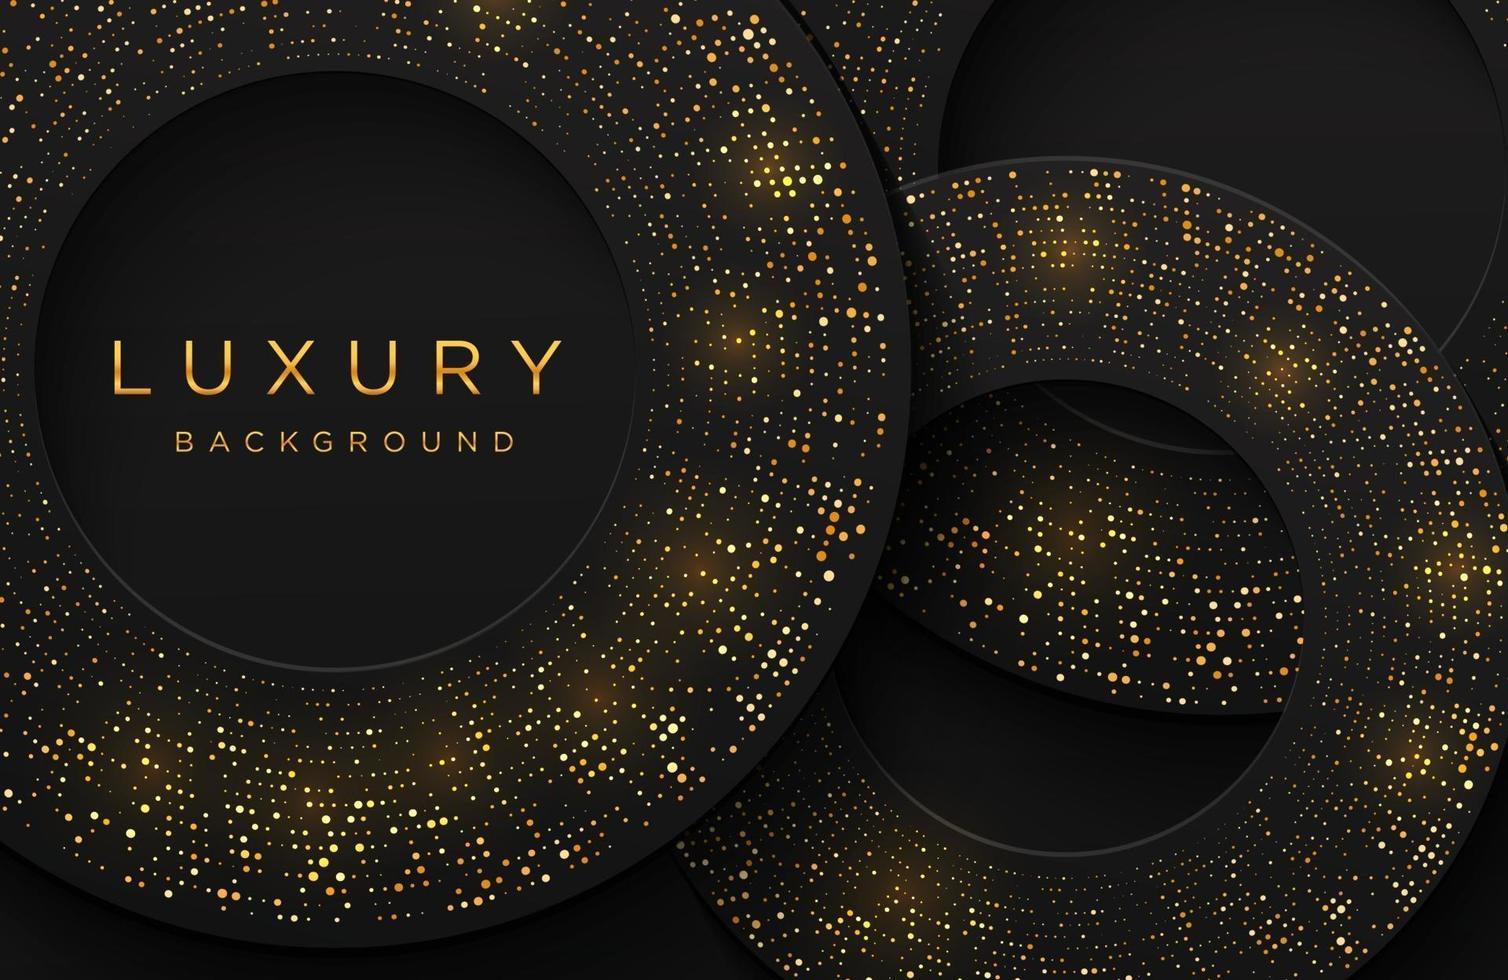 lyxig elegant 3D-bakgrund med skimrande guld prickade mönster isolerad på svart. abstrakt realistisk papercut bakgrund. elegant mall vektor